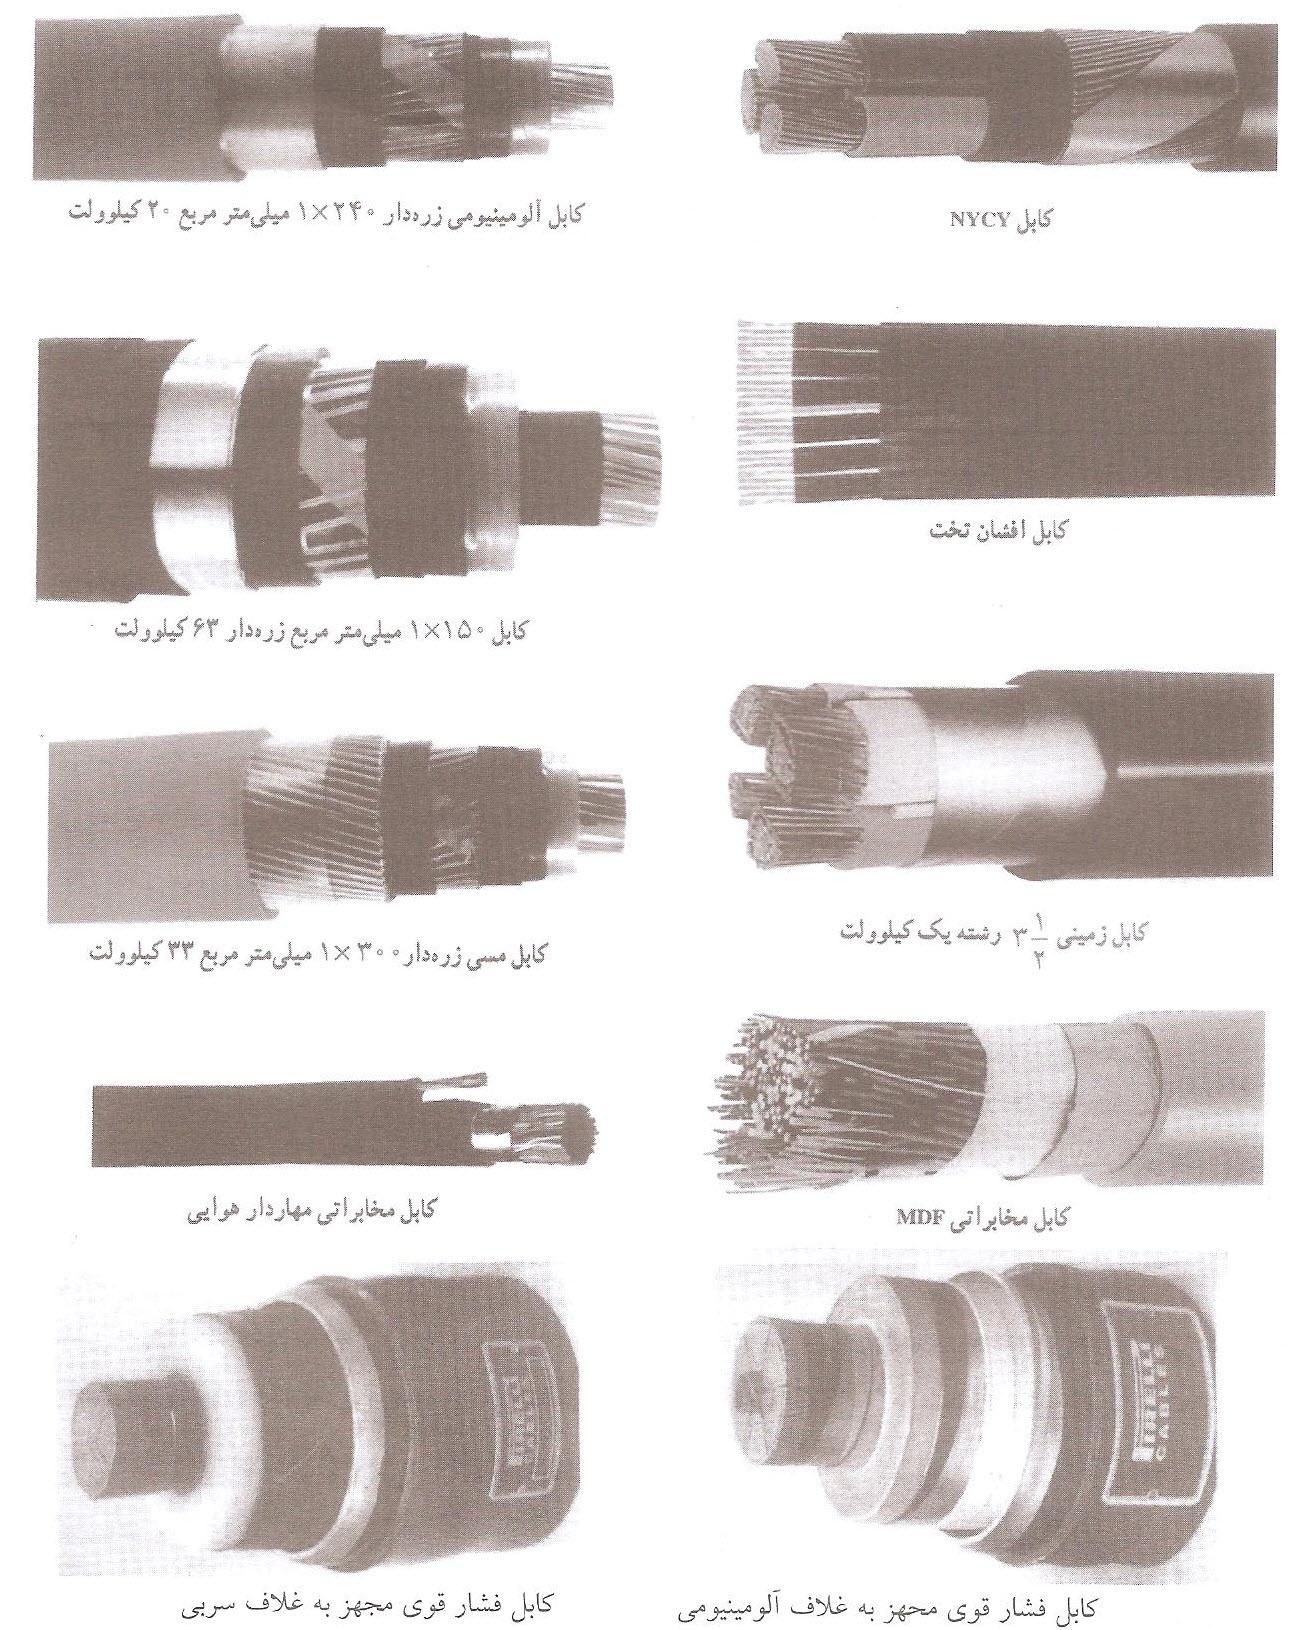 نمونه ای از انواع کابل ها